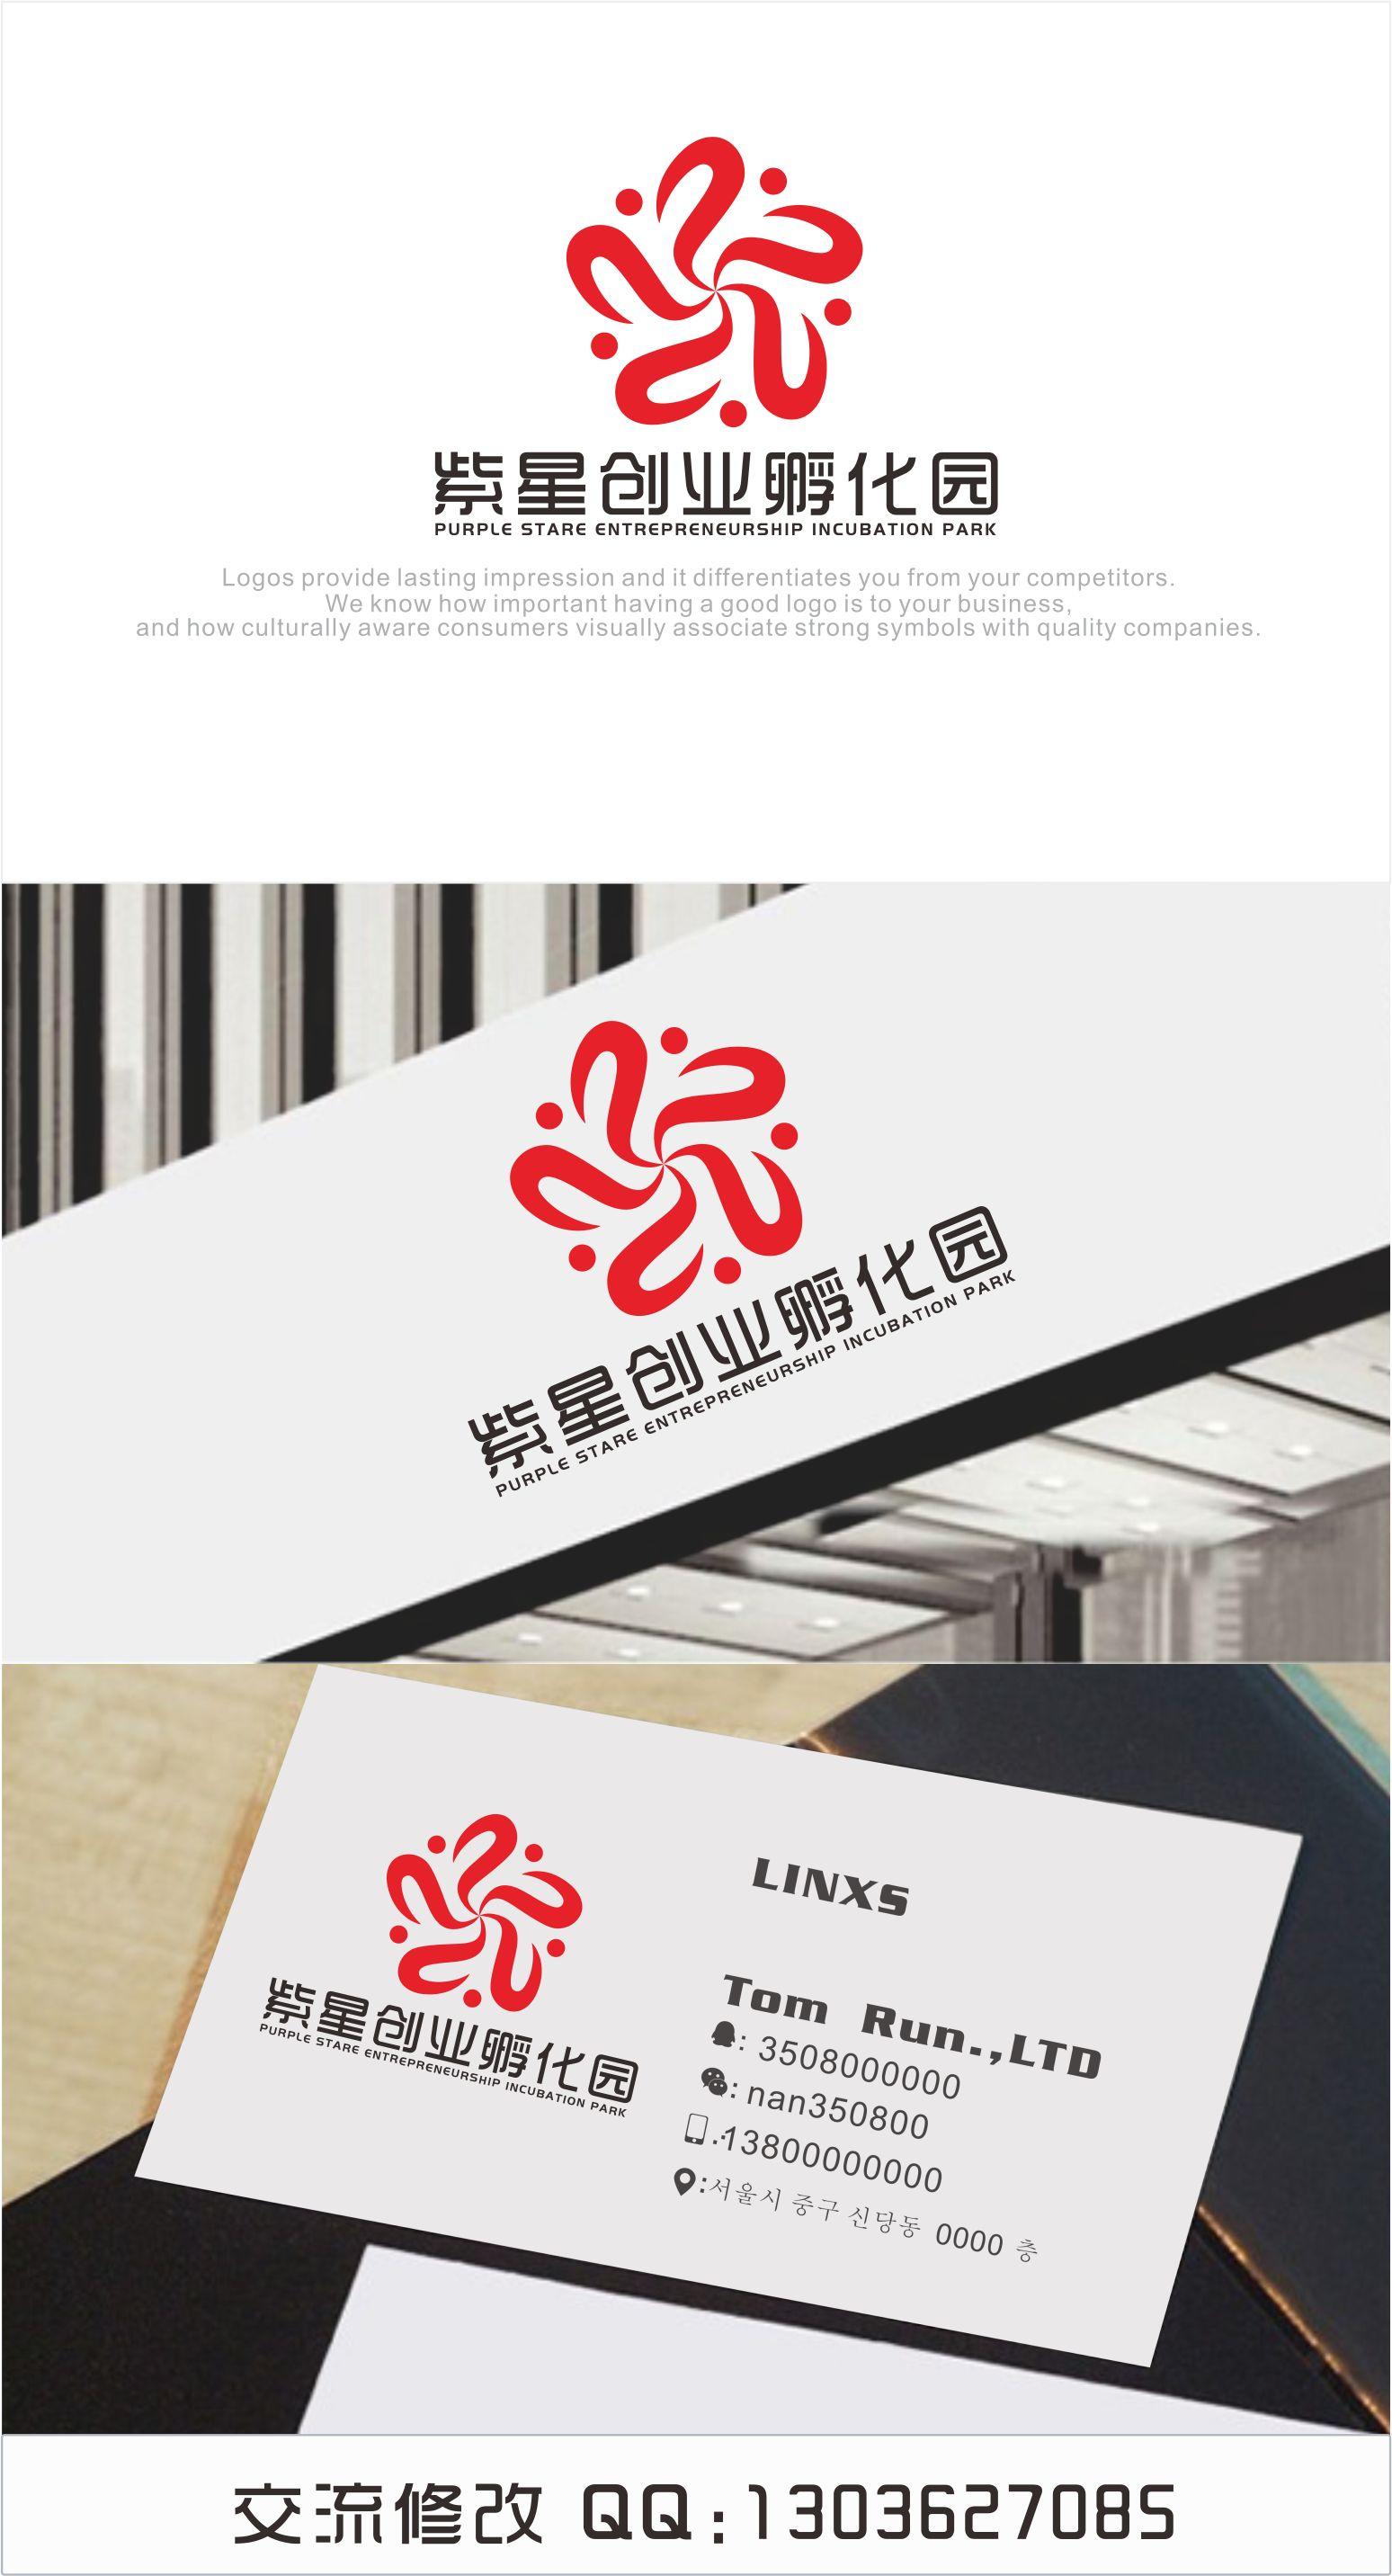 紫星创业孵化园logo设计_2956014_k68威客网